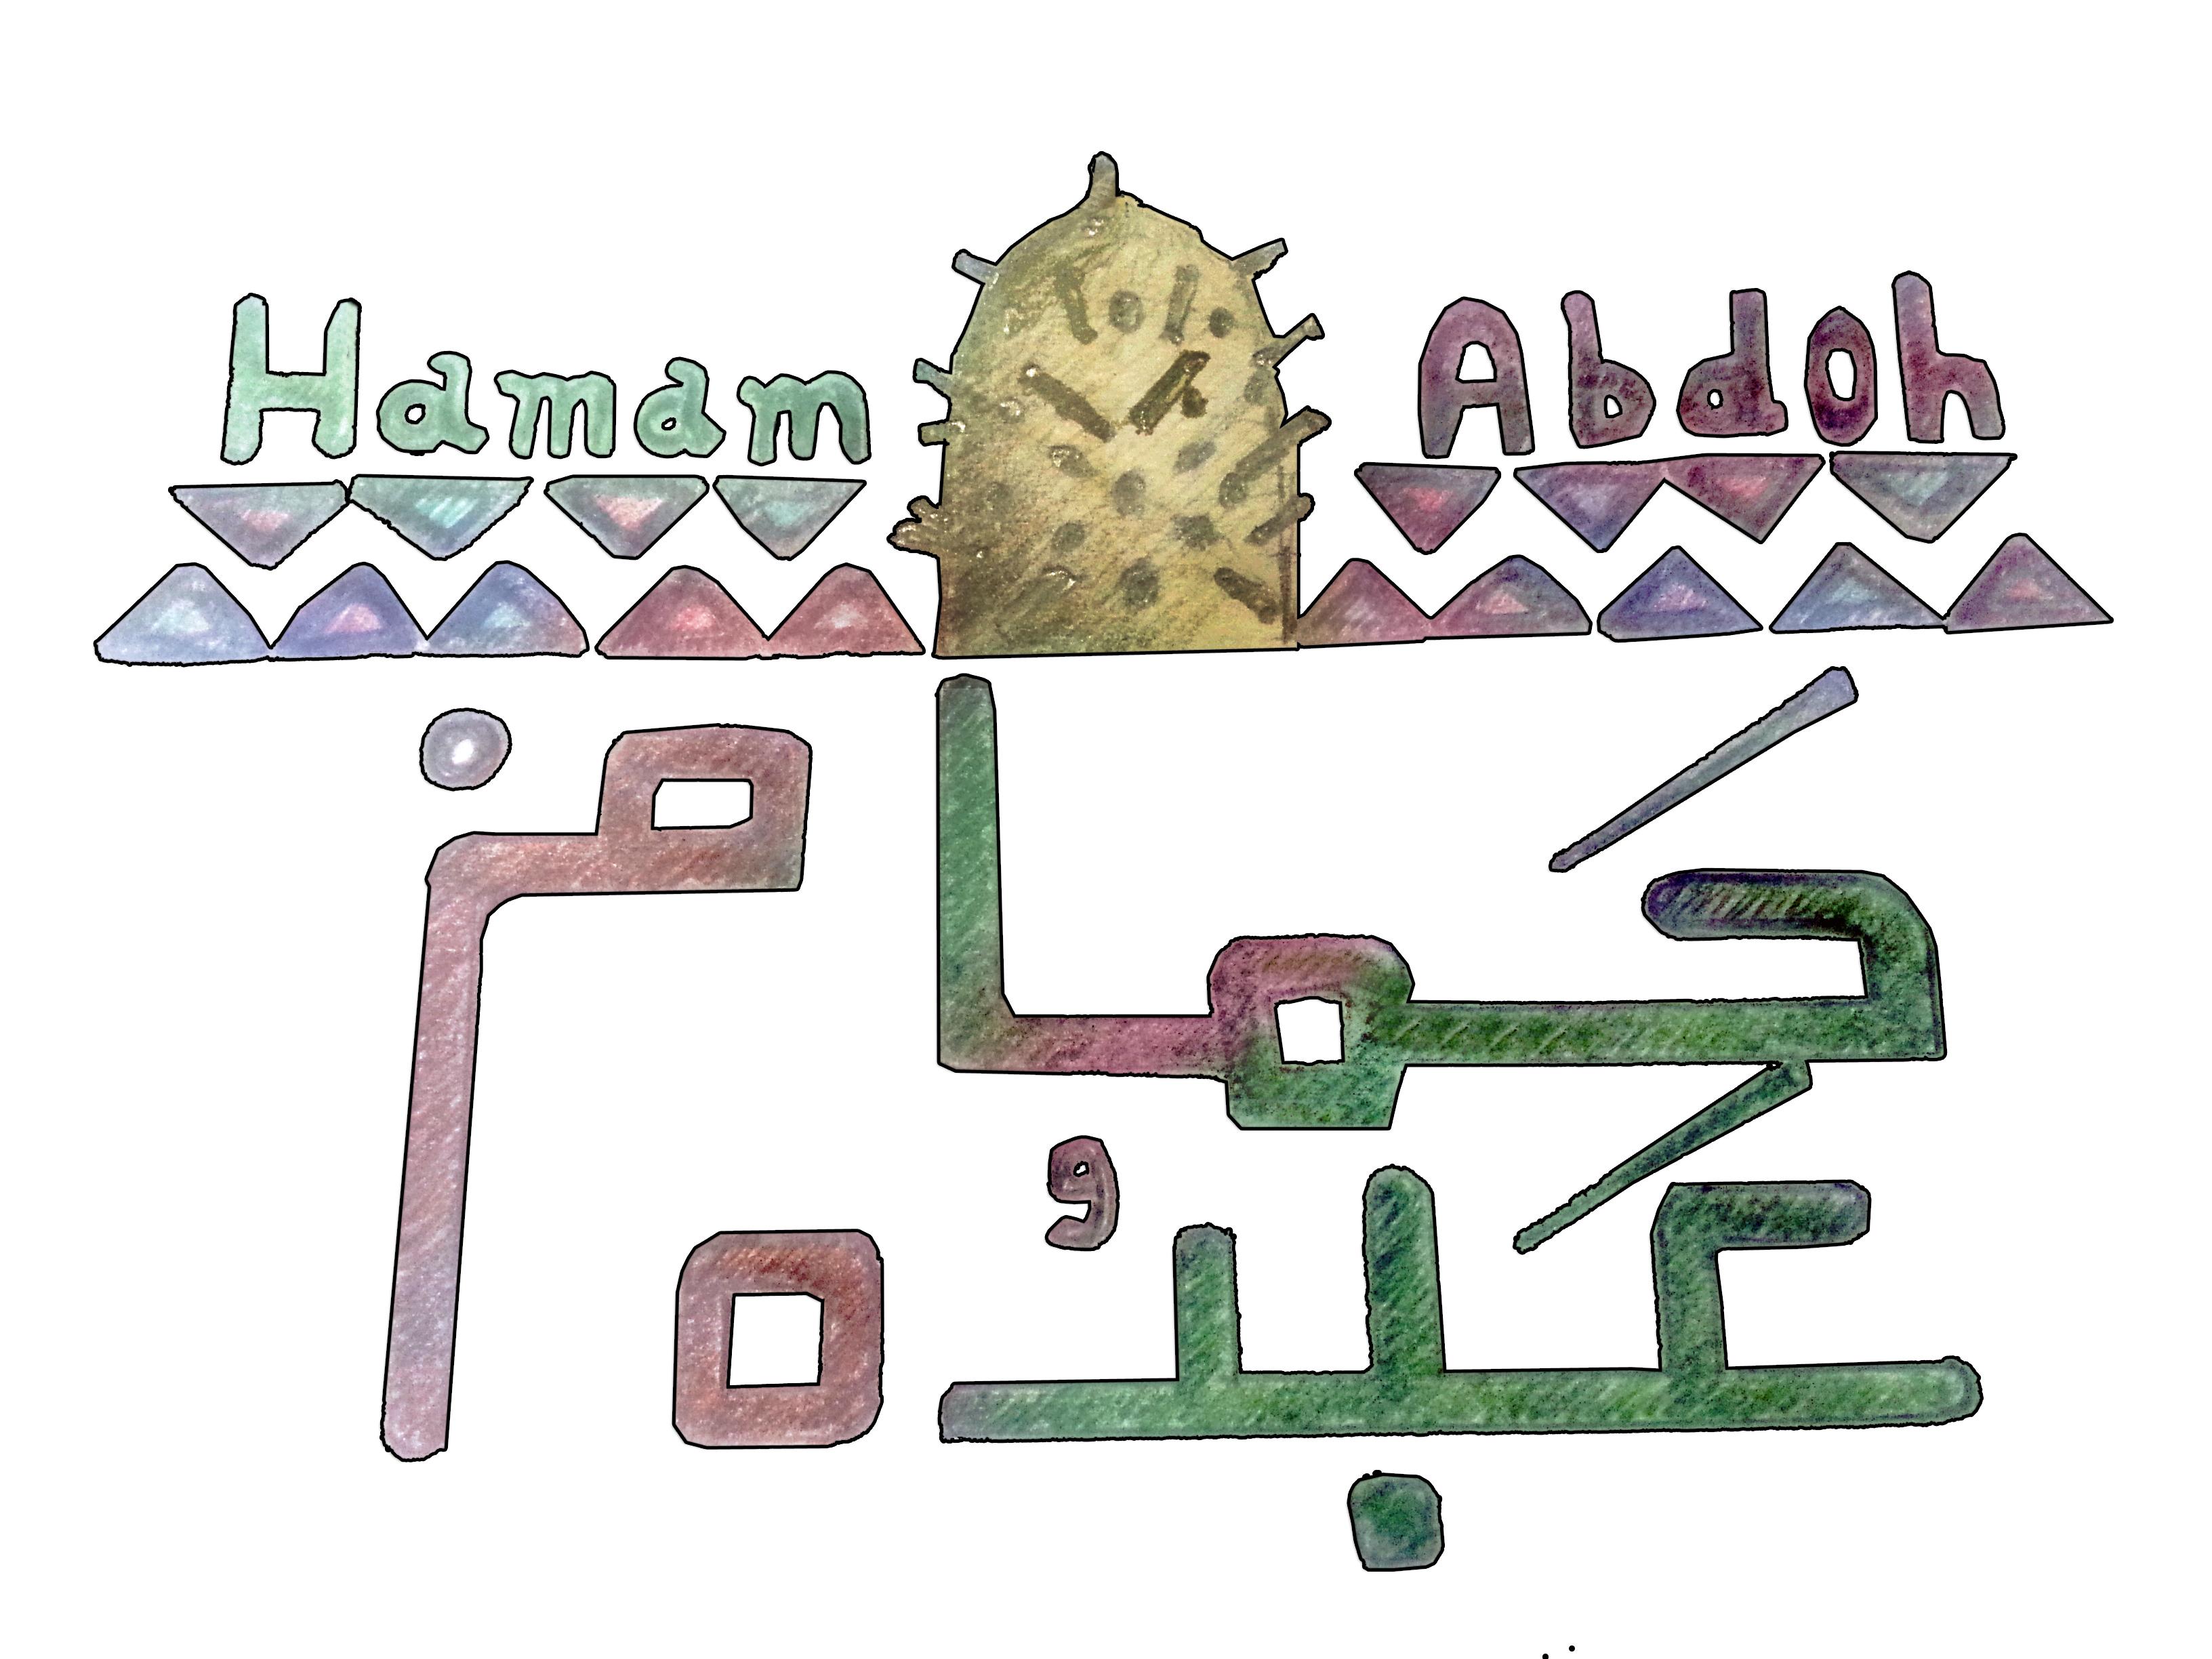 Hamam Abdoh